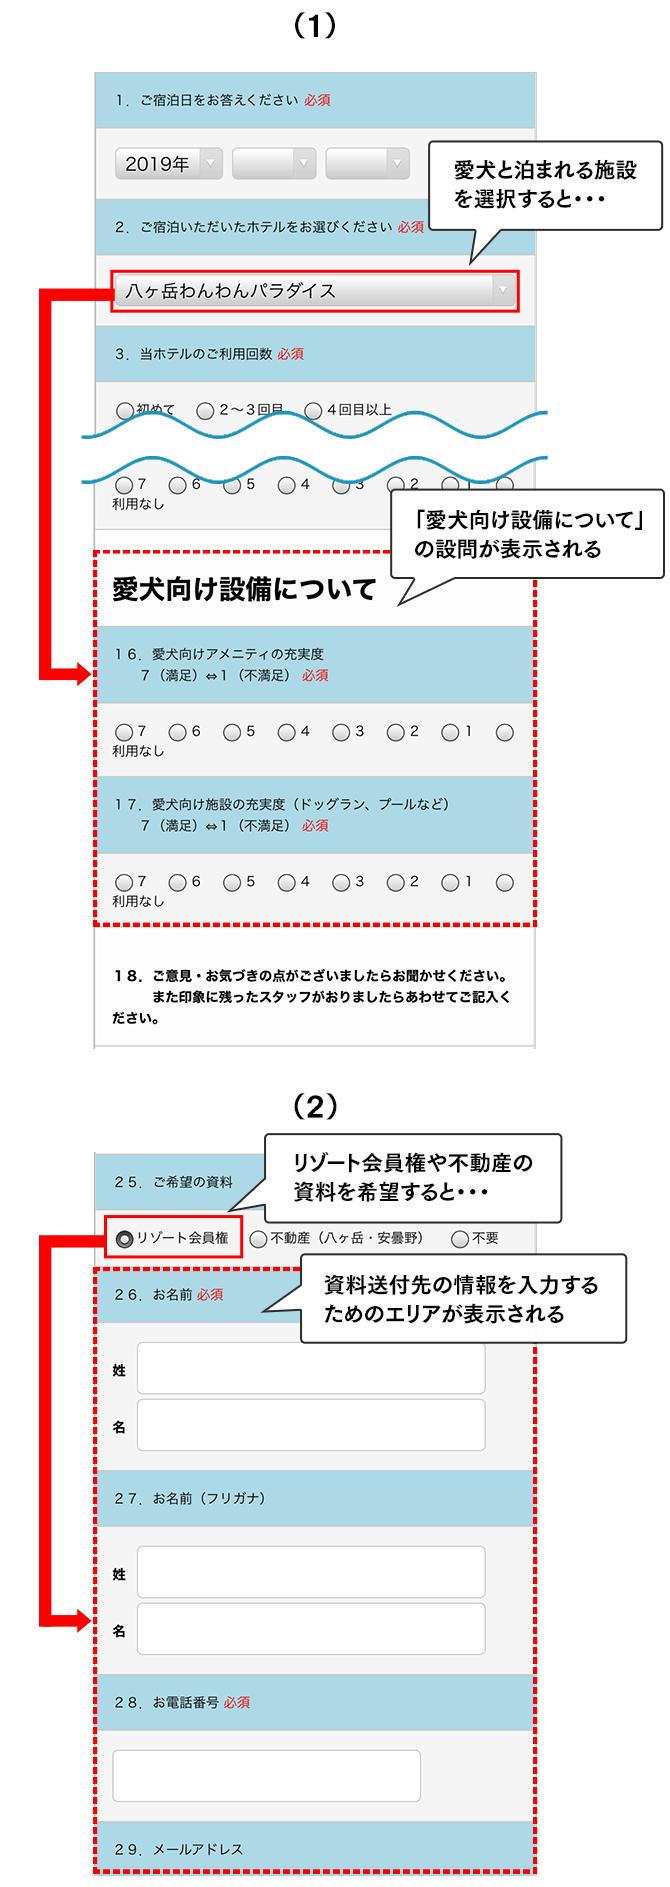 条件分岐設定(SP版)